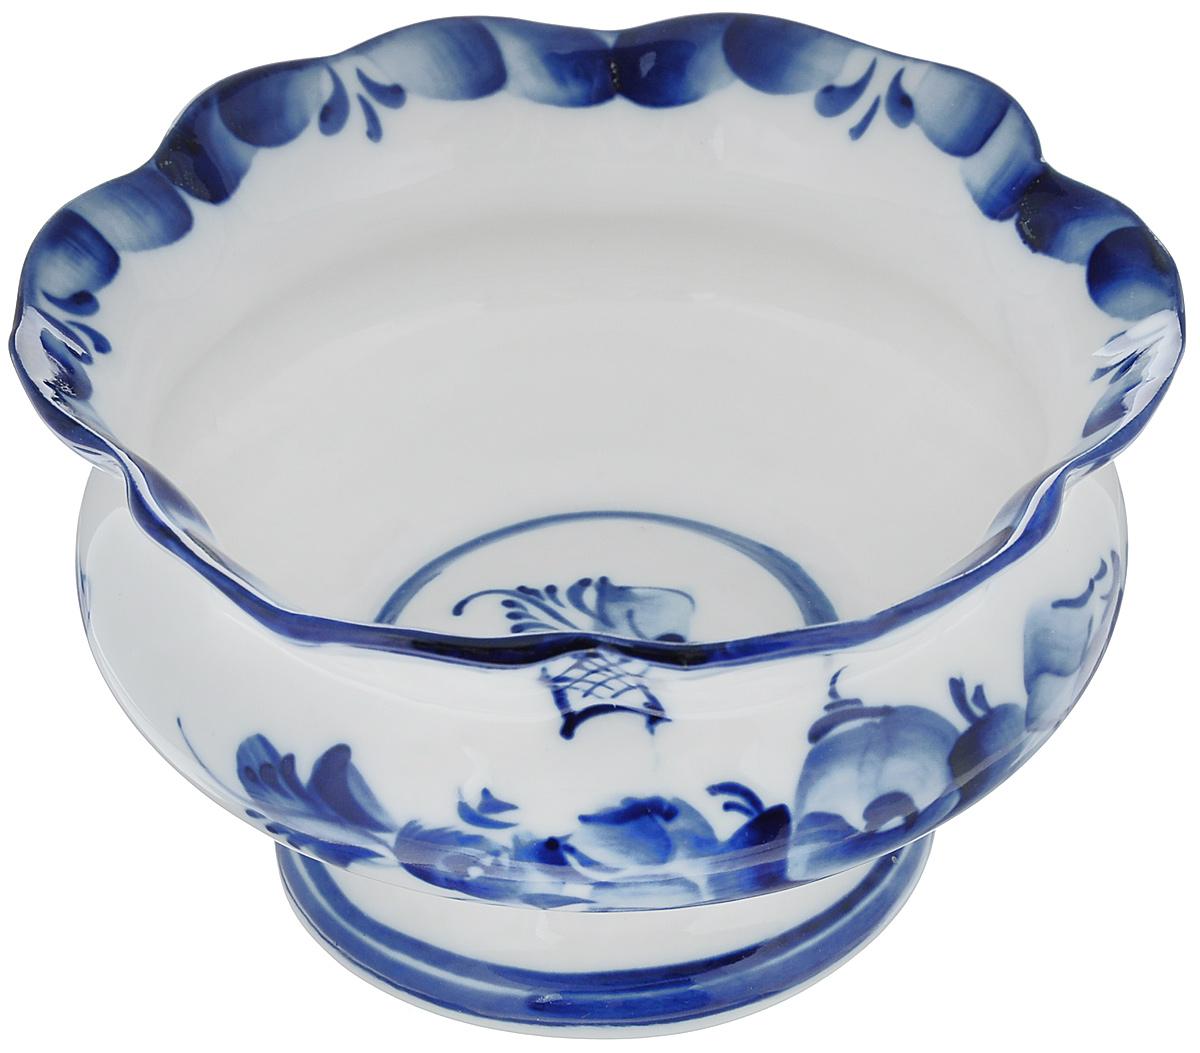 Ваза для варенья Идиллия2с, диаметр 12 см993030682Ваза для варенья Идиллия выполнена из высококачественной керамики и оформлена гжелью. Емкость оснащена волнистыми краями и, несомненно, понравится любителям классического стиля. Такая ваза украсит ваш праздничный или обеденный стол, а яркое оформление понравится любой хозяйке. Уважаемые клиенты! Обращаем ваше внимание, что роспись на изделии выполнена вручную. Рисунок может немного отличаться от изображения на фотографии. Диаметр (по верхнему краю): 12 см. Высота: 7 см.